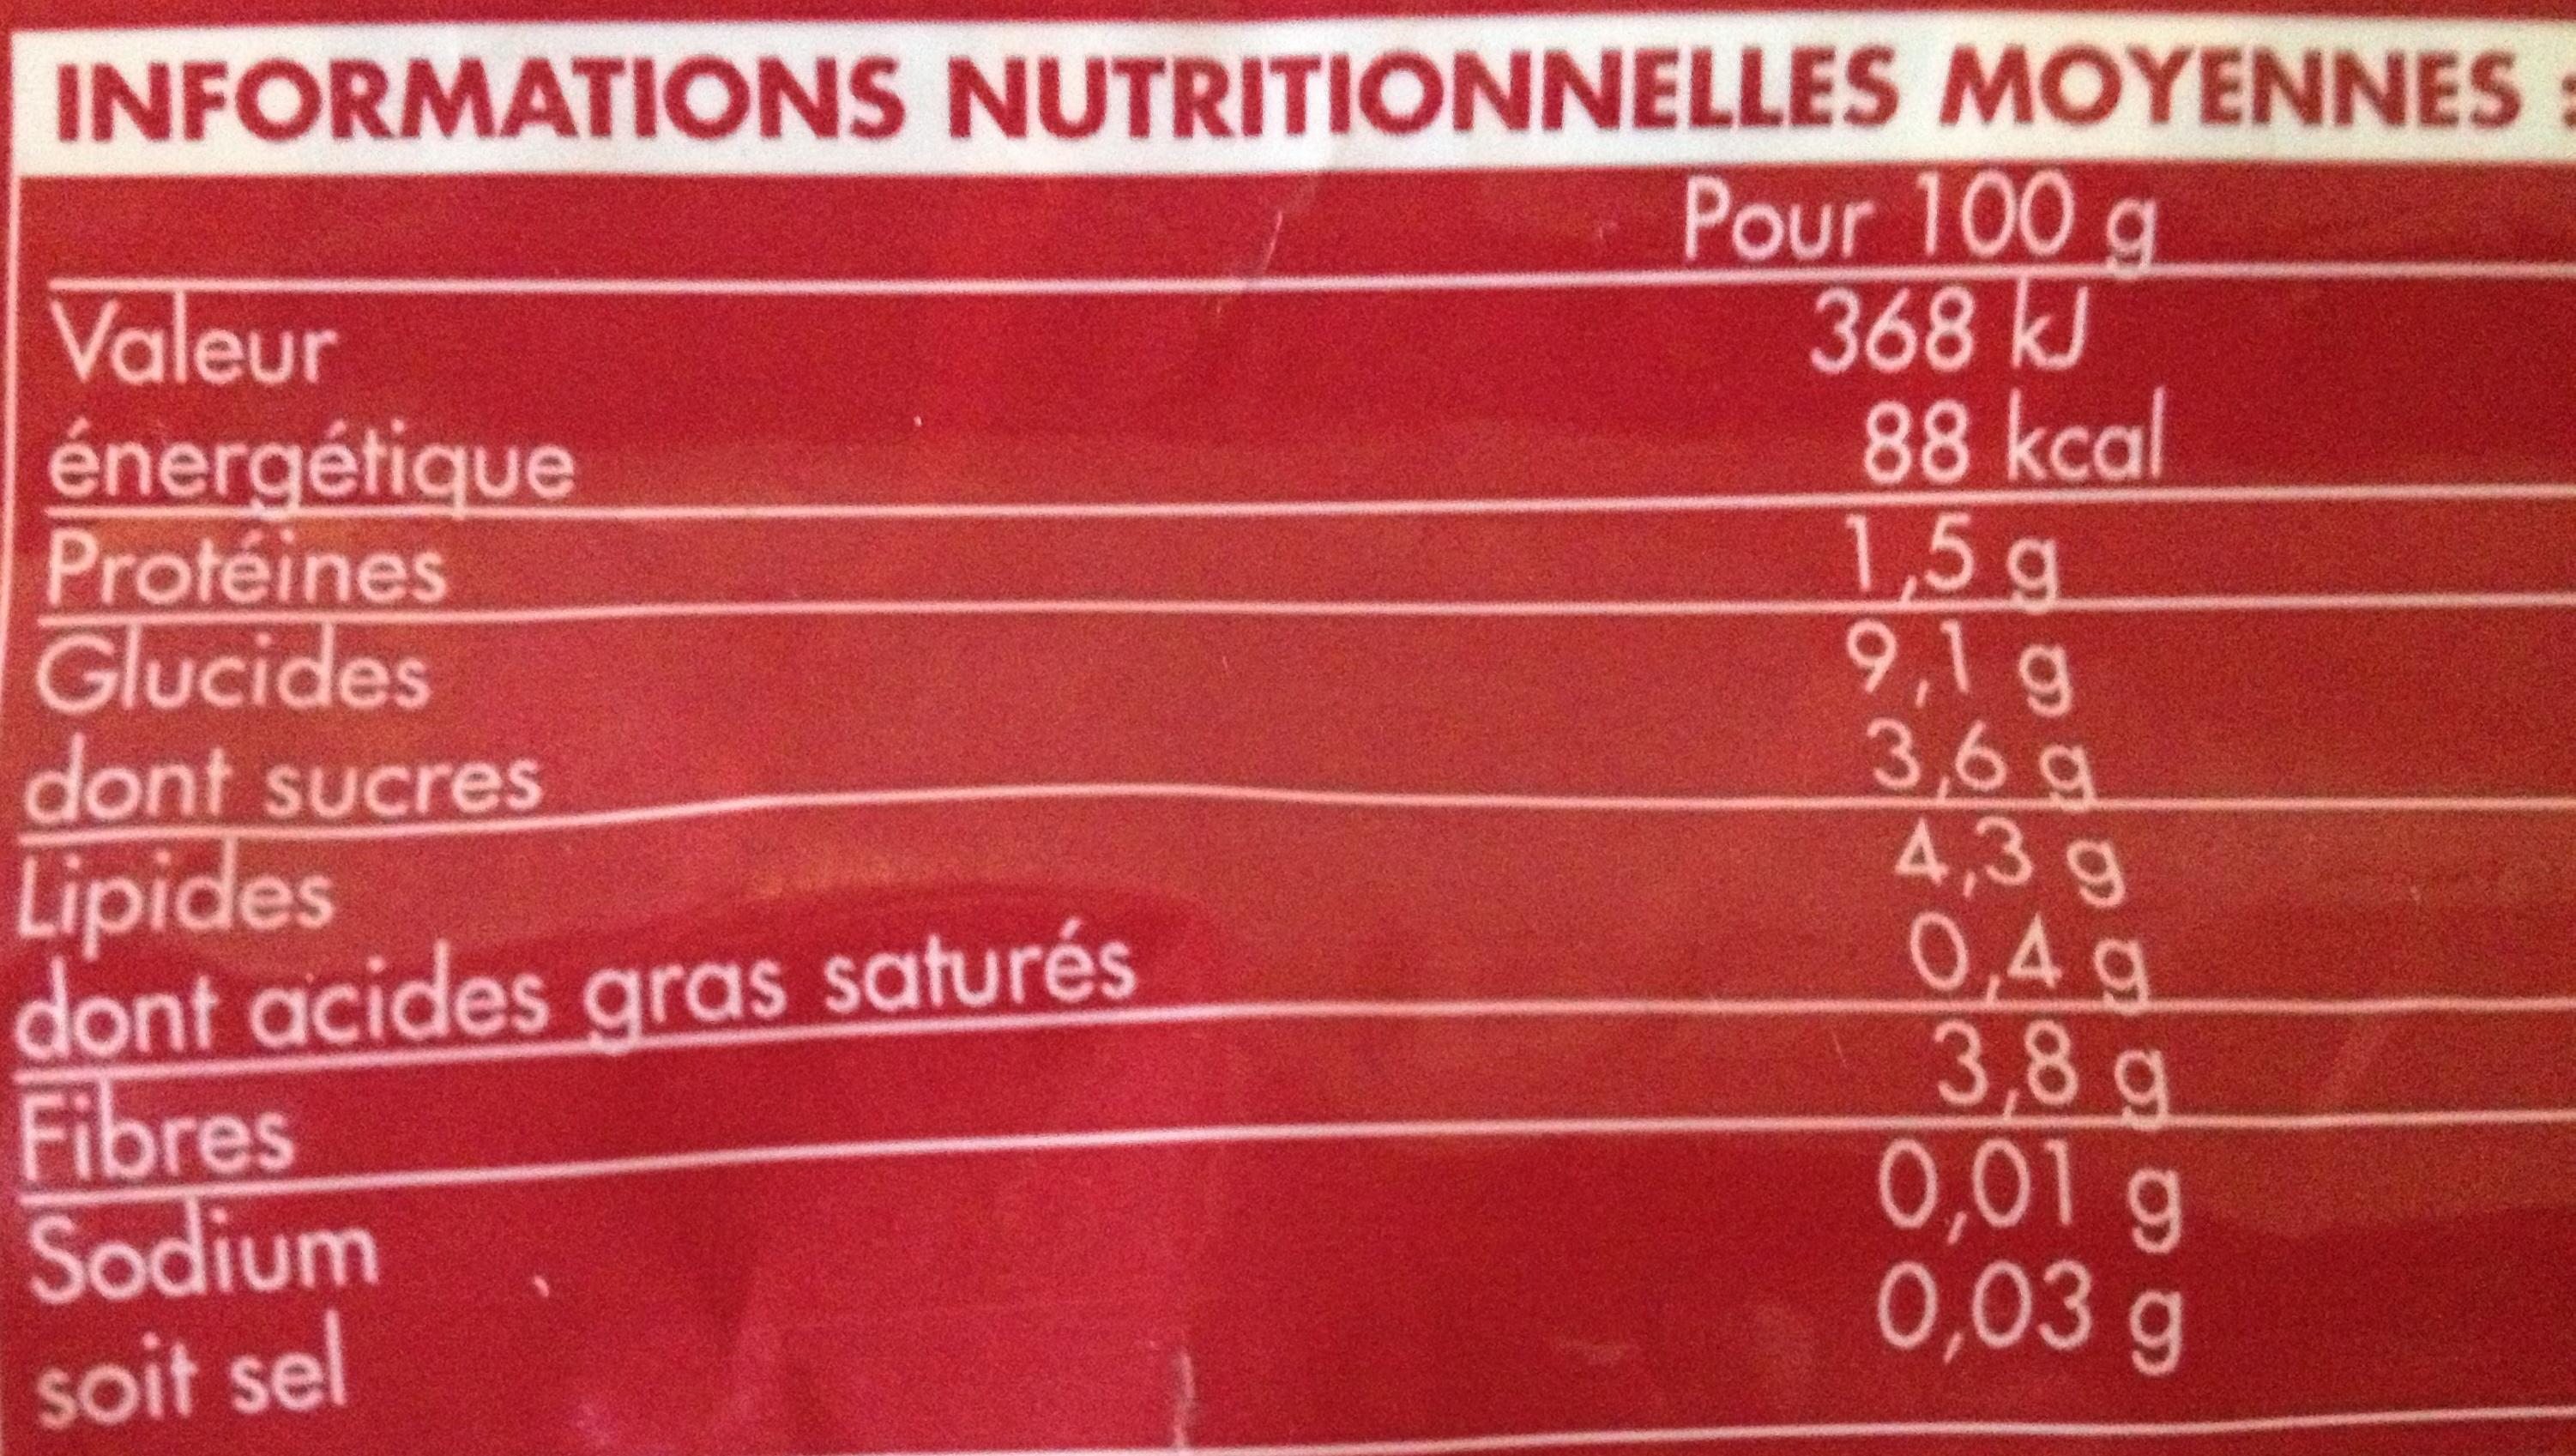 Échalote coupée, Surgelée - Informations nutritionnelles - fr